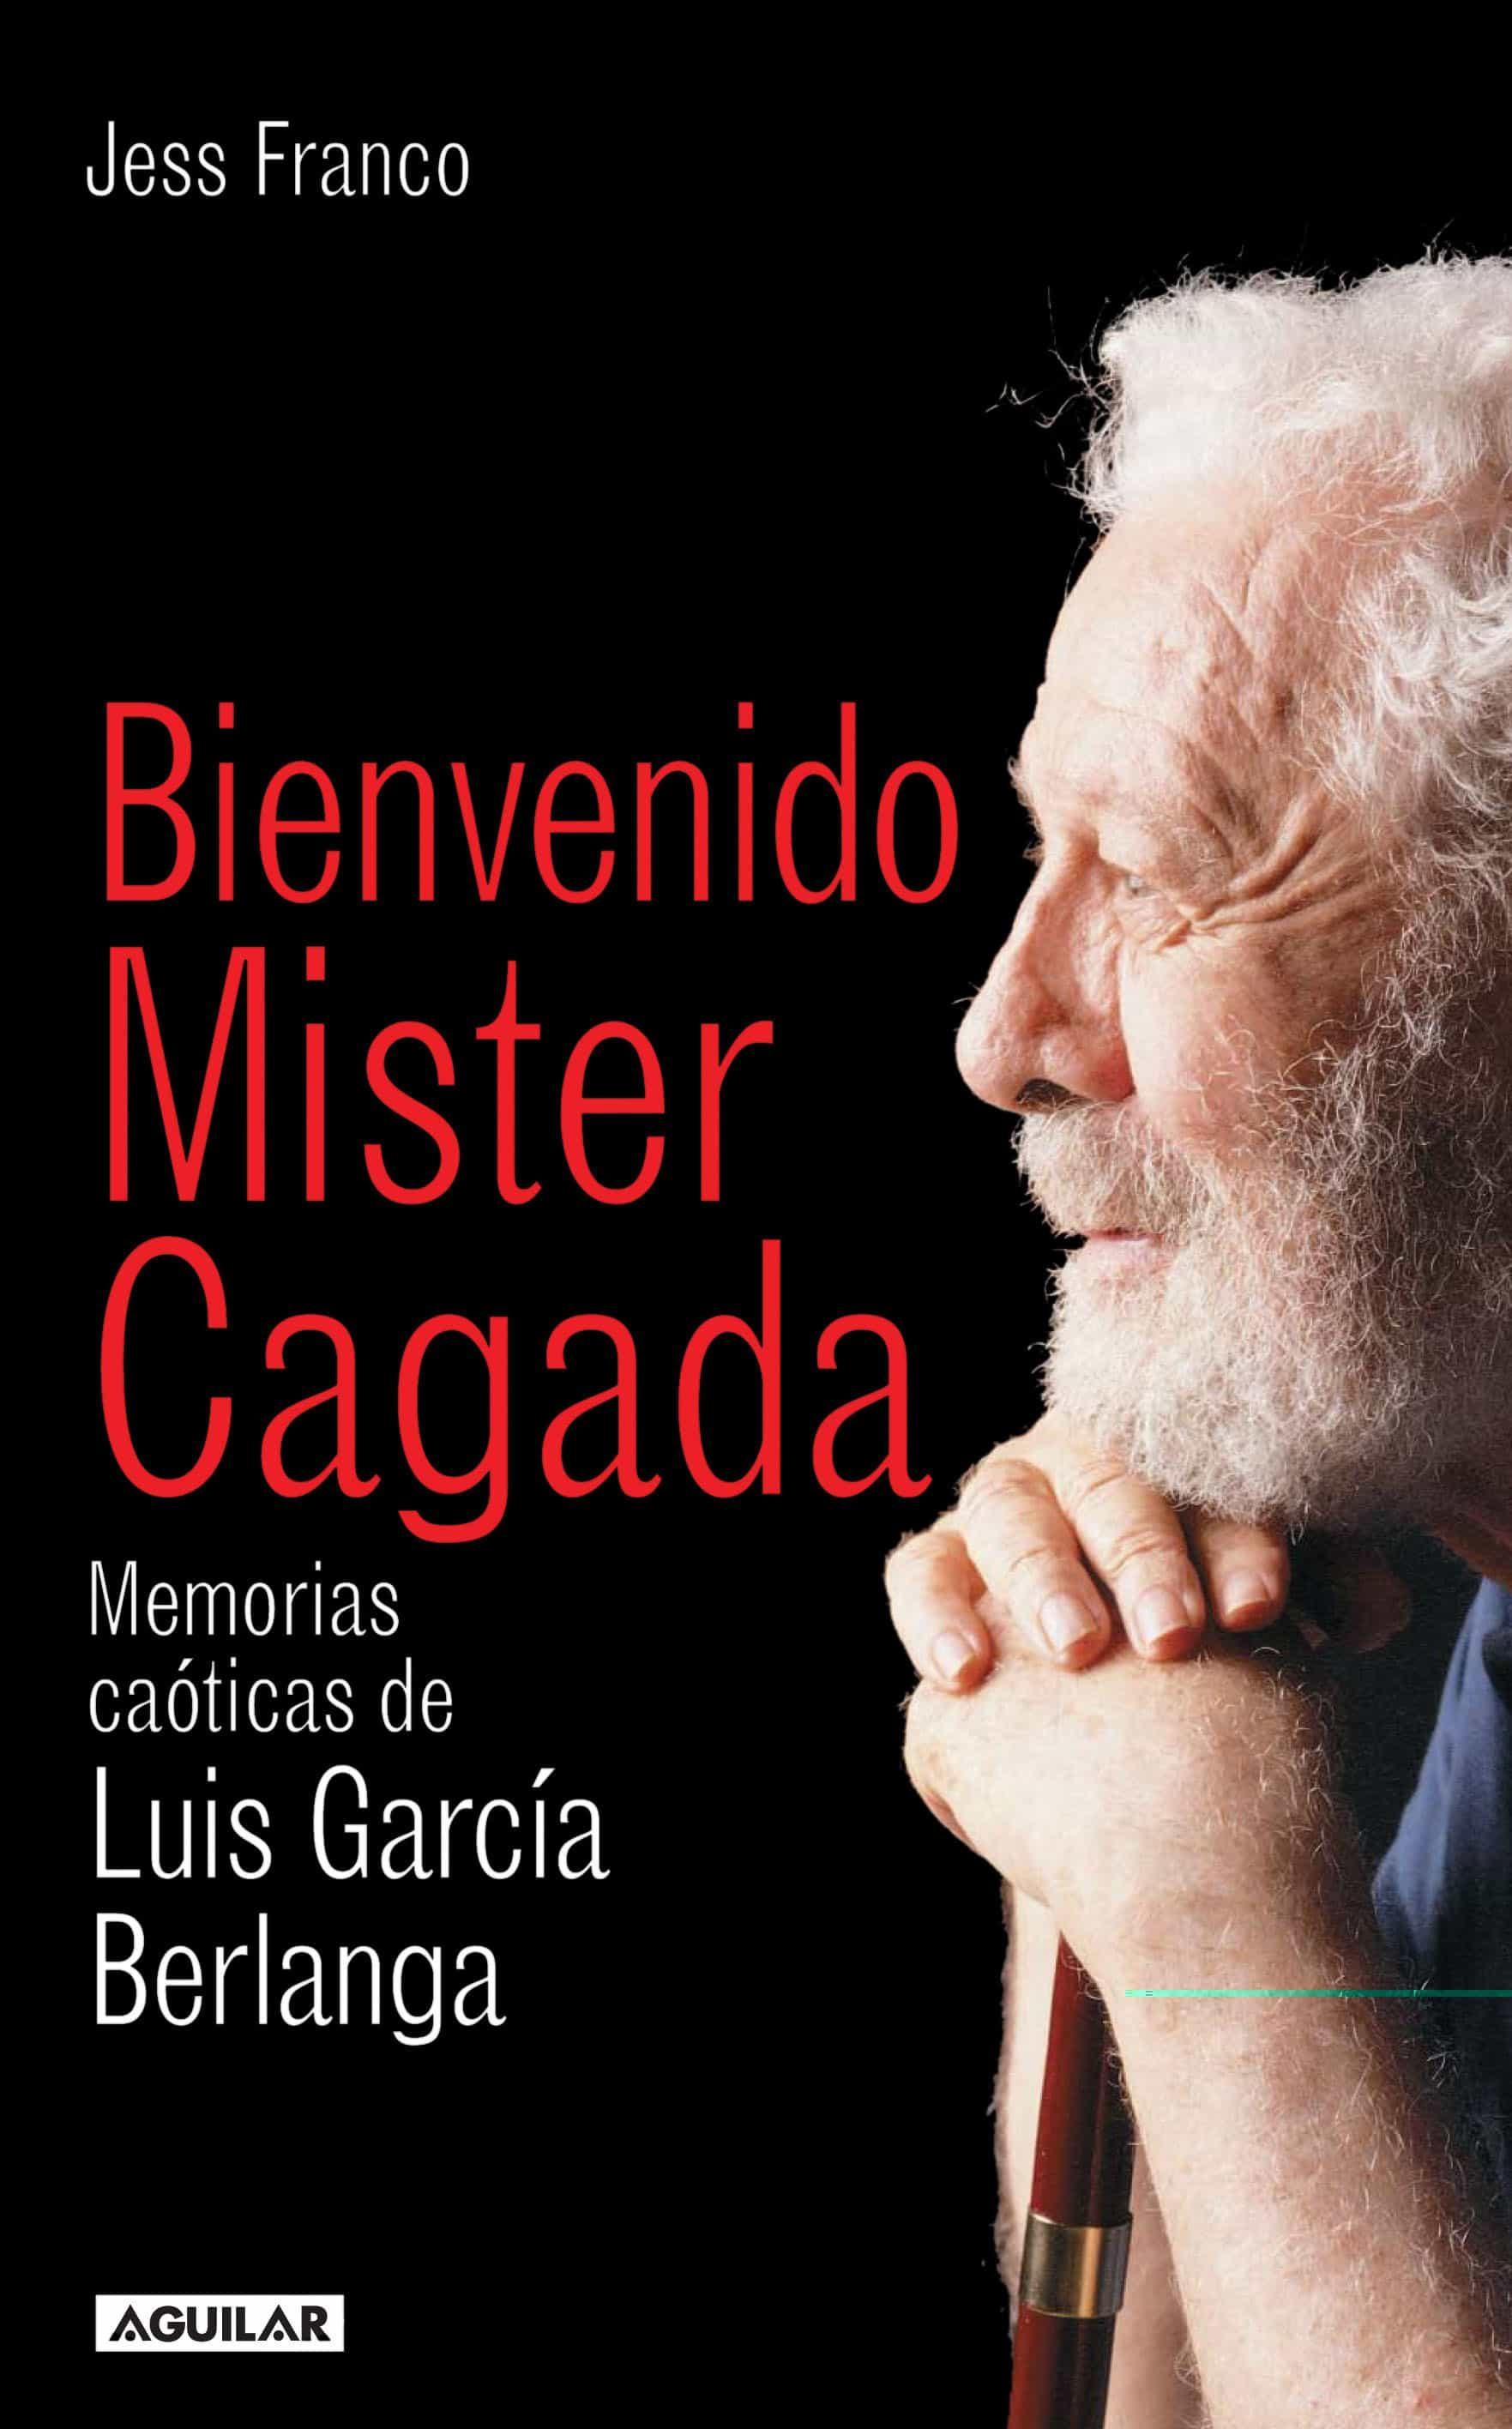 Bienvenido Mister Cagada: Memorias Caoticas De Luis Garcia Berlan Ga por Jess Franco Gratis